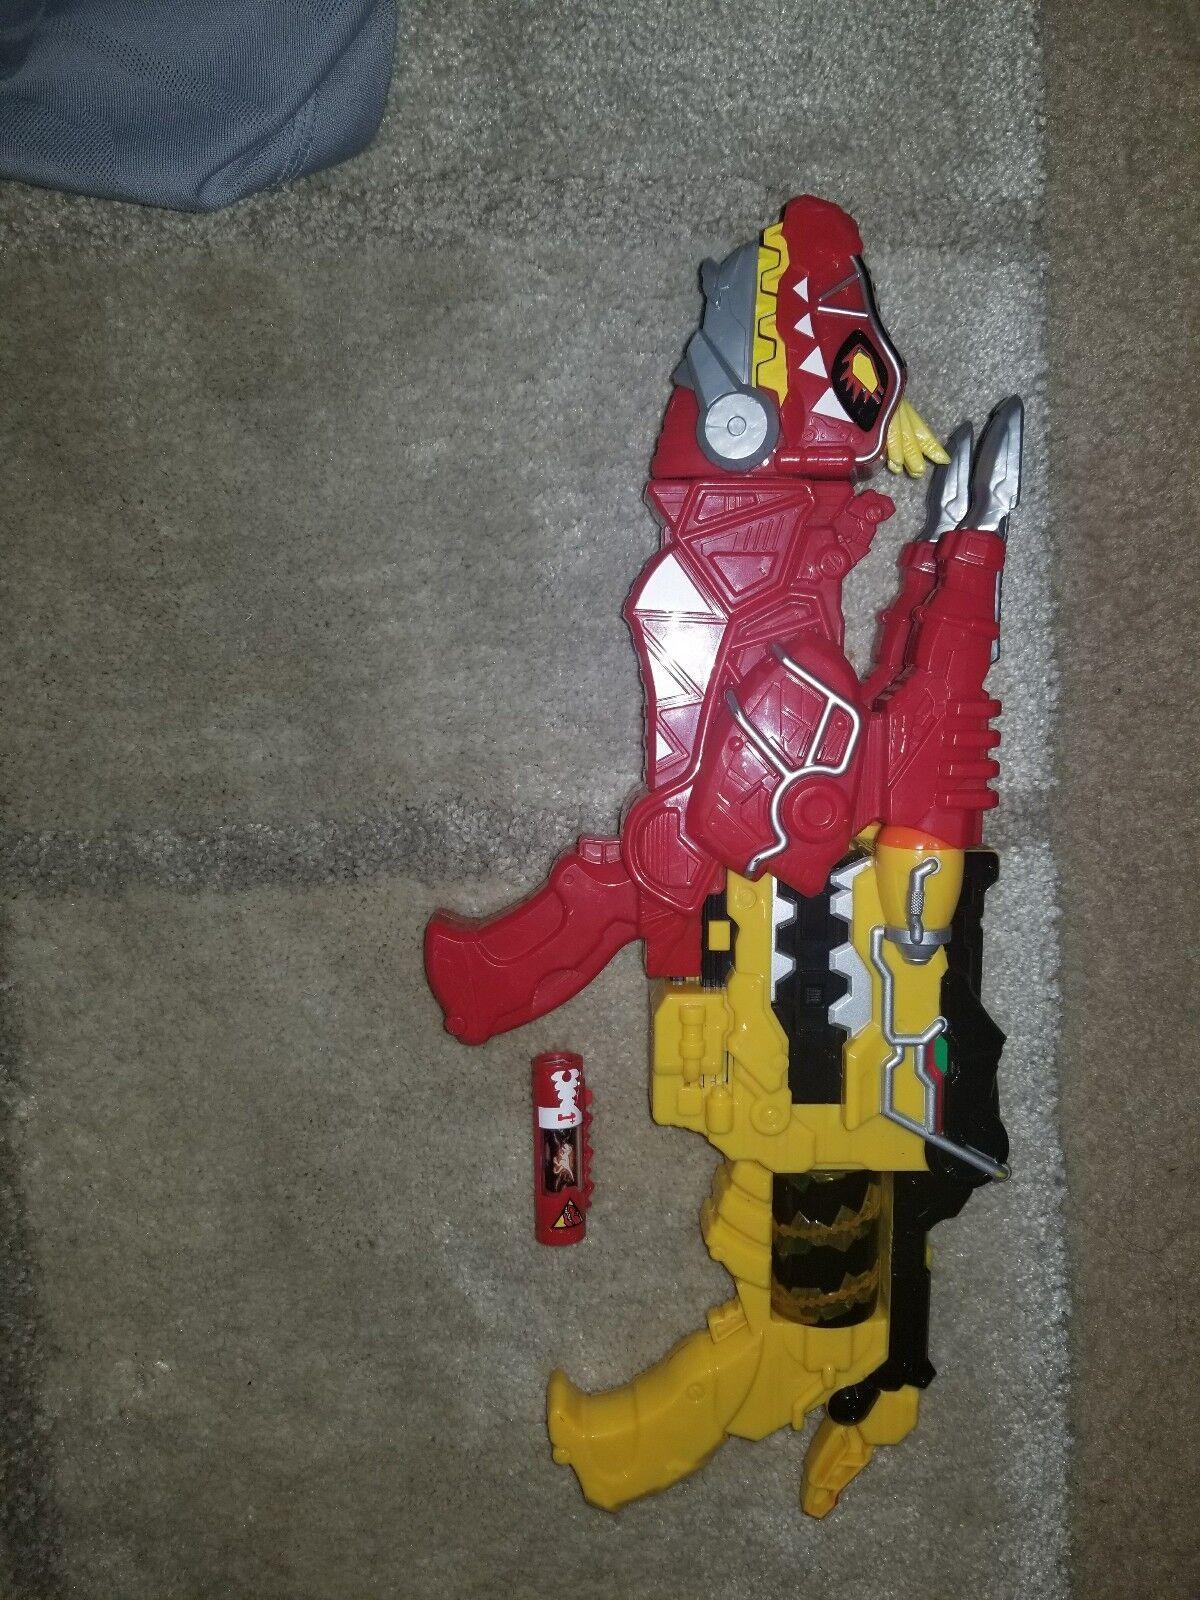 exclusivo Power Rangers Mighty Morphin Power Power Power Rangers Morpher Amarillo pistola Rojo T-REX de Dino sobreCochegadas Cochego De Lujo  distribución global